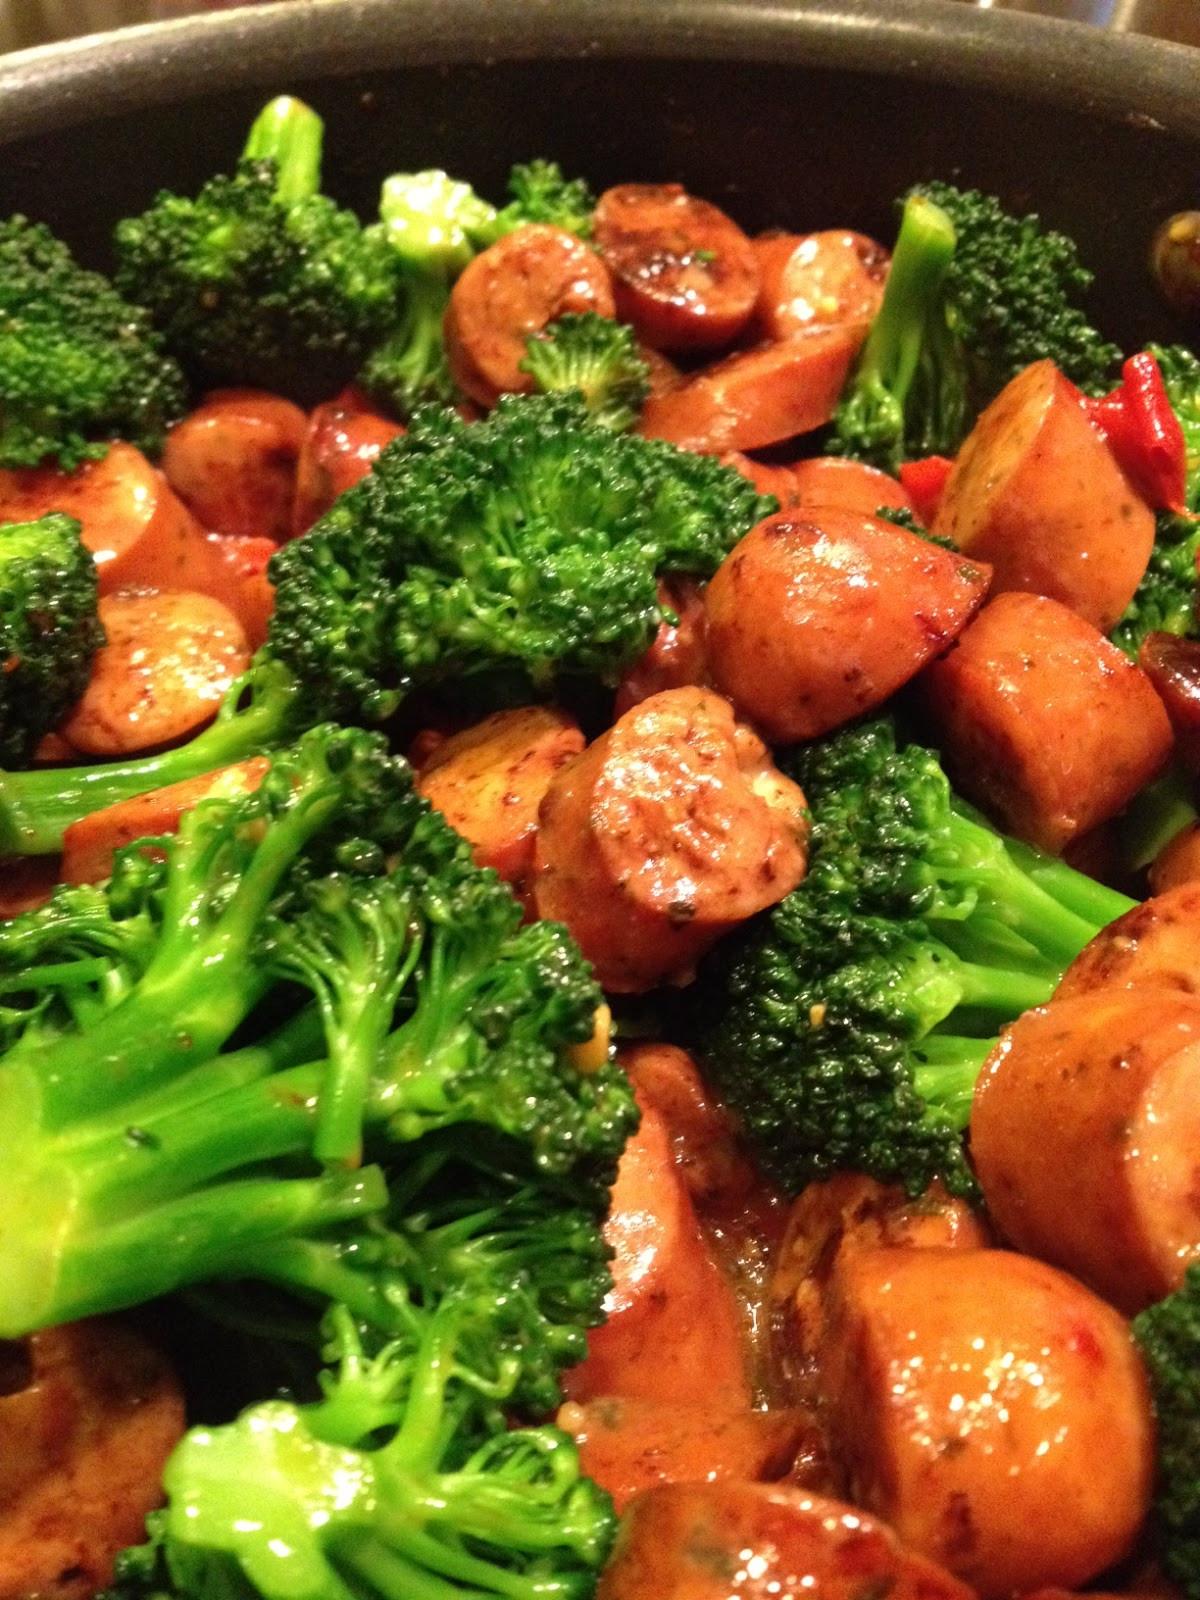 Chicken Sausage Recipes  A Healthy Makeover Chicken Sausage & Veggie Pasta